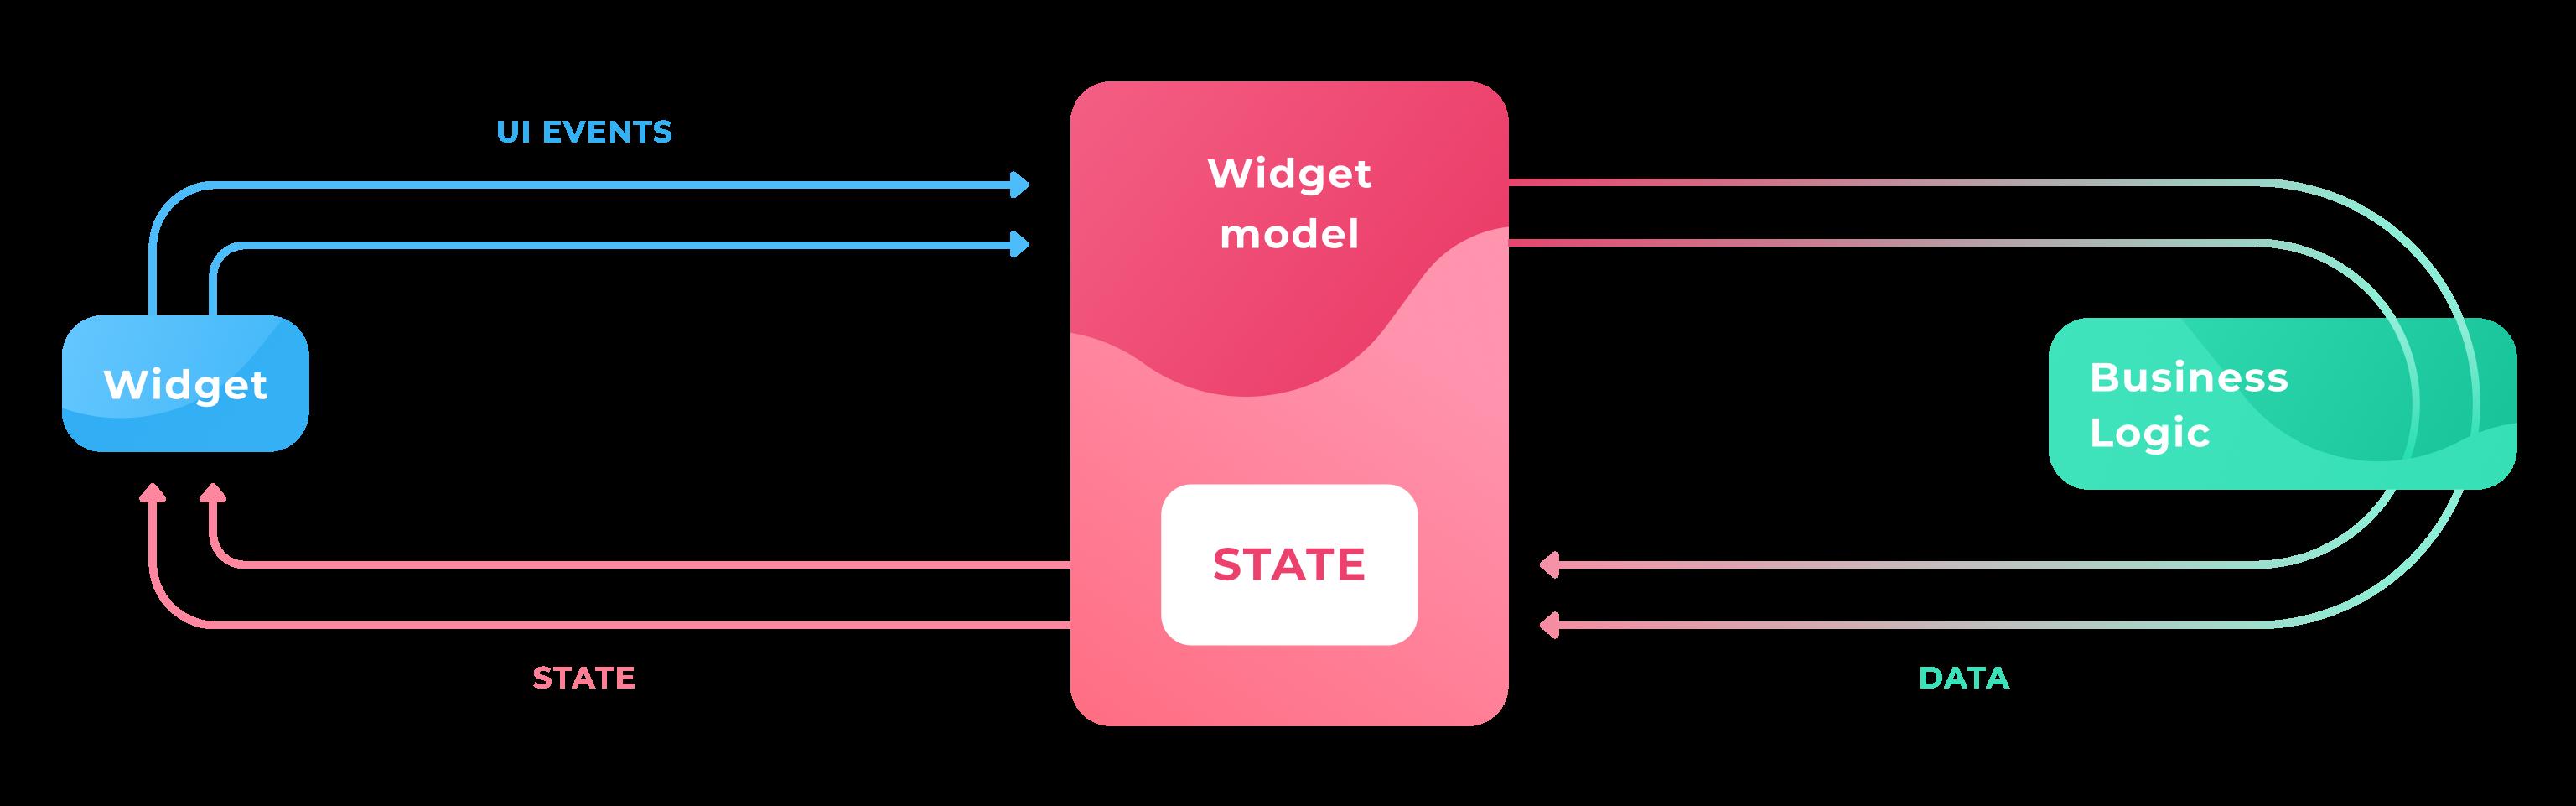 MWWM Architecture Mini Scheme